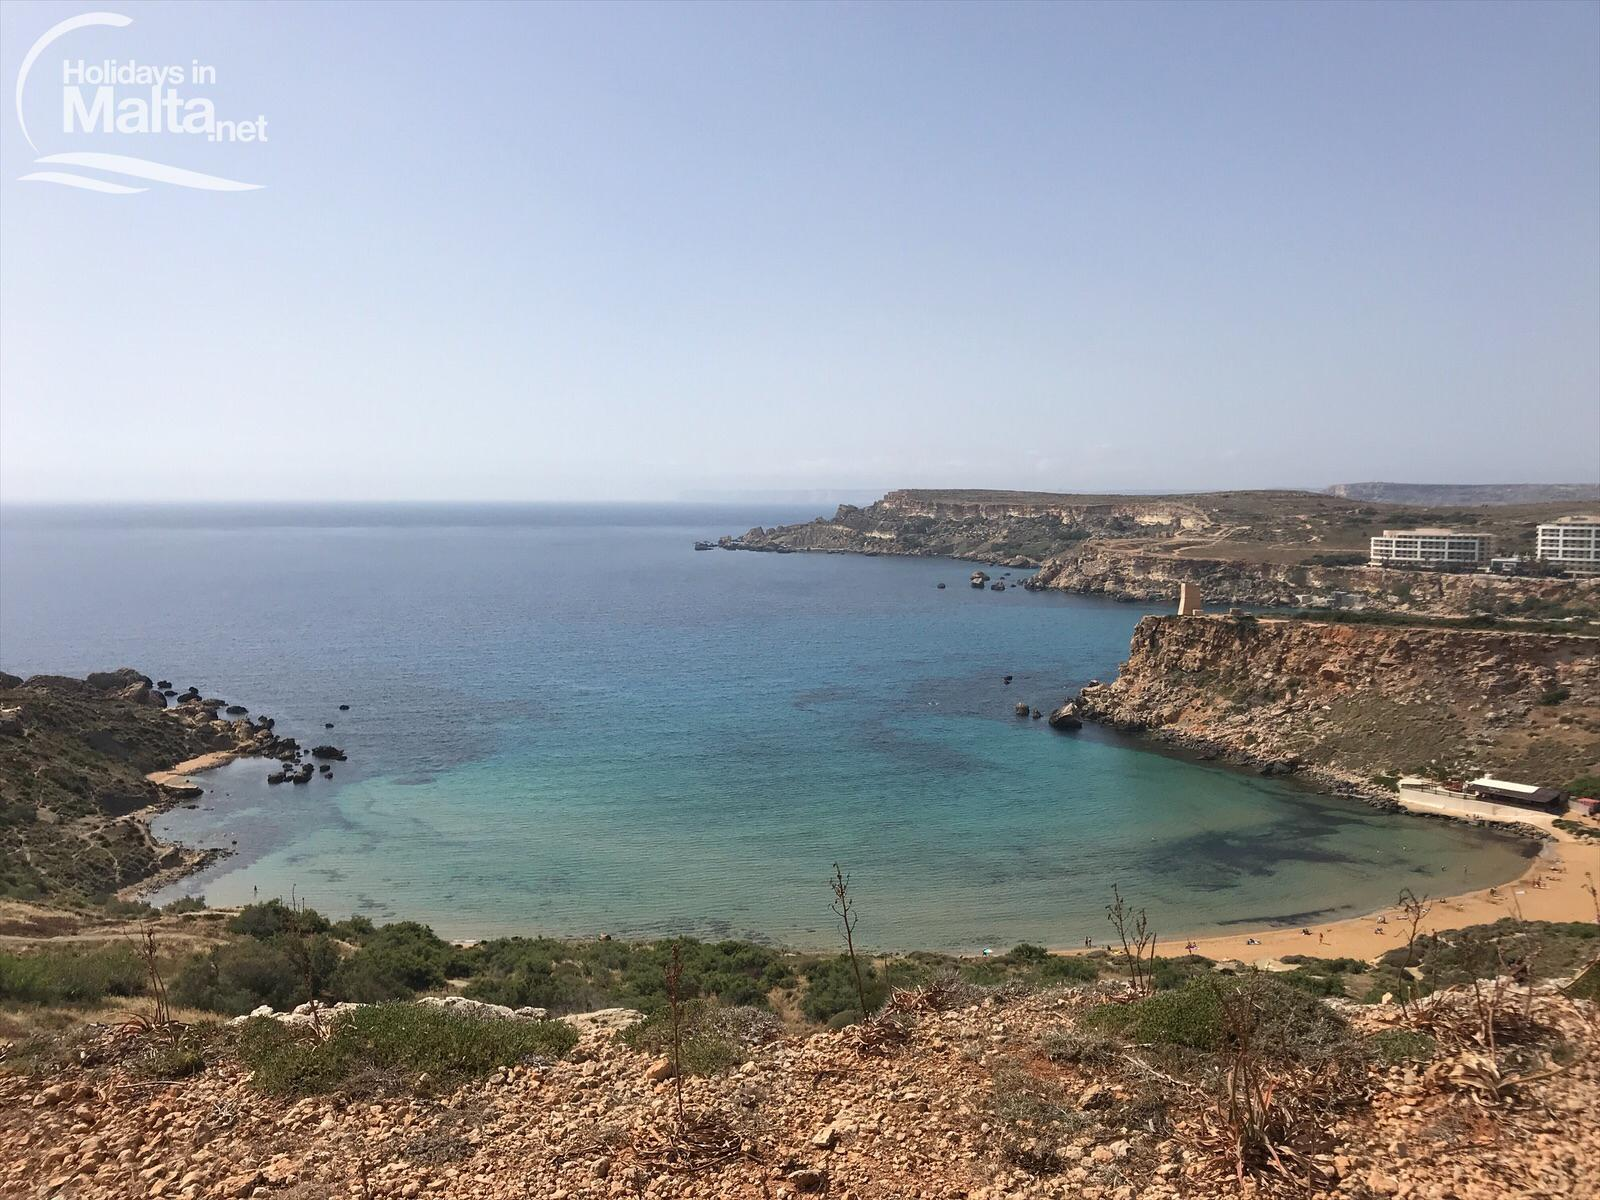 Għajn Tuffieħa: The Most Beautiful Beach of Malta